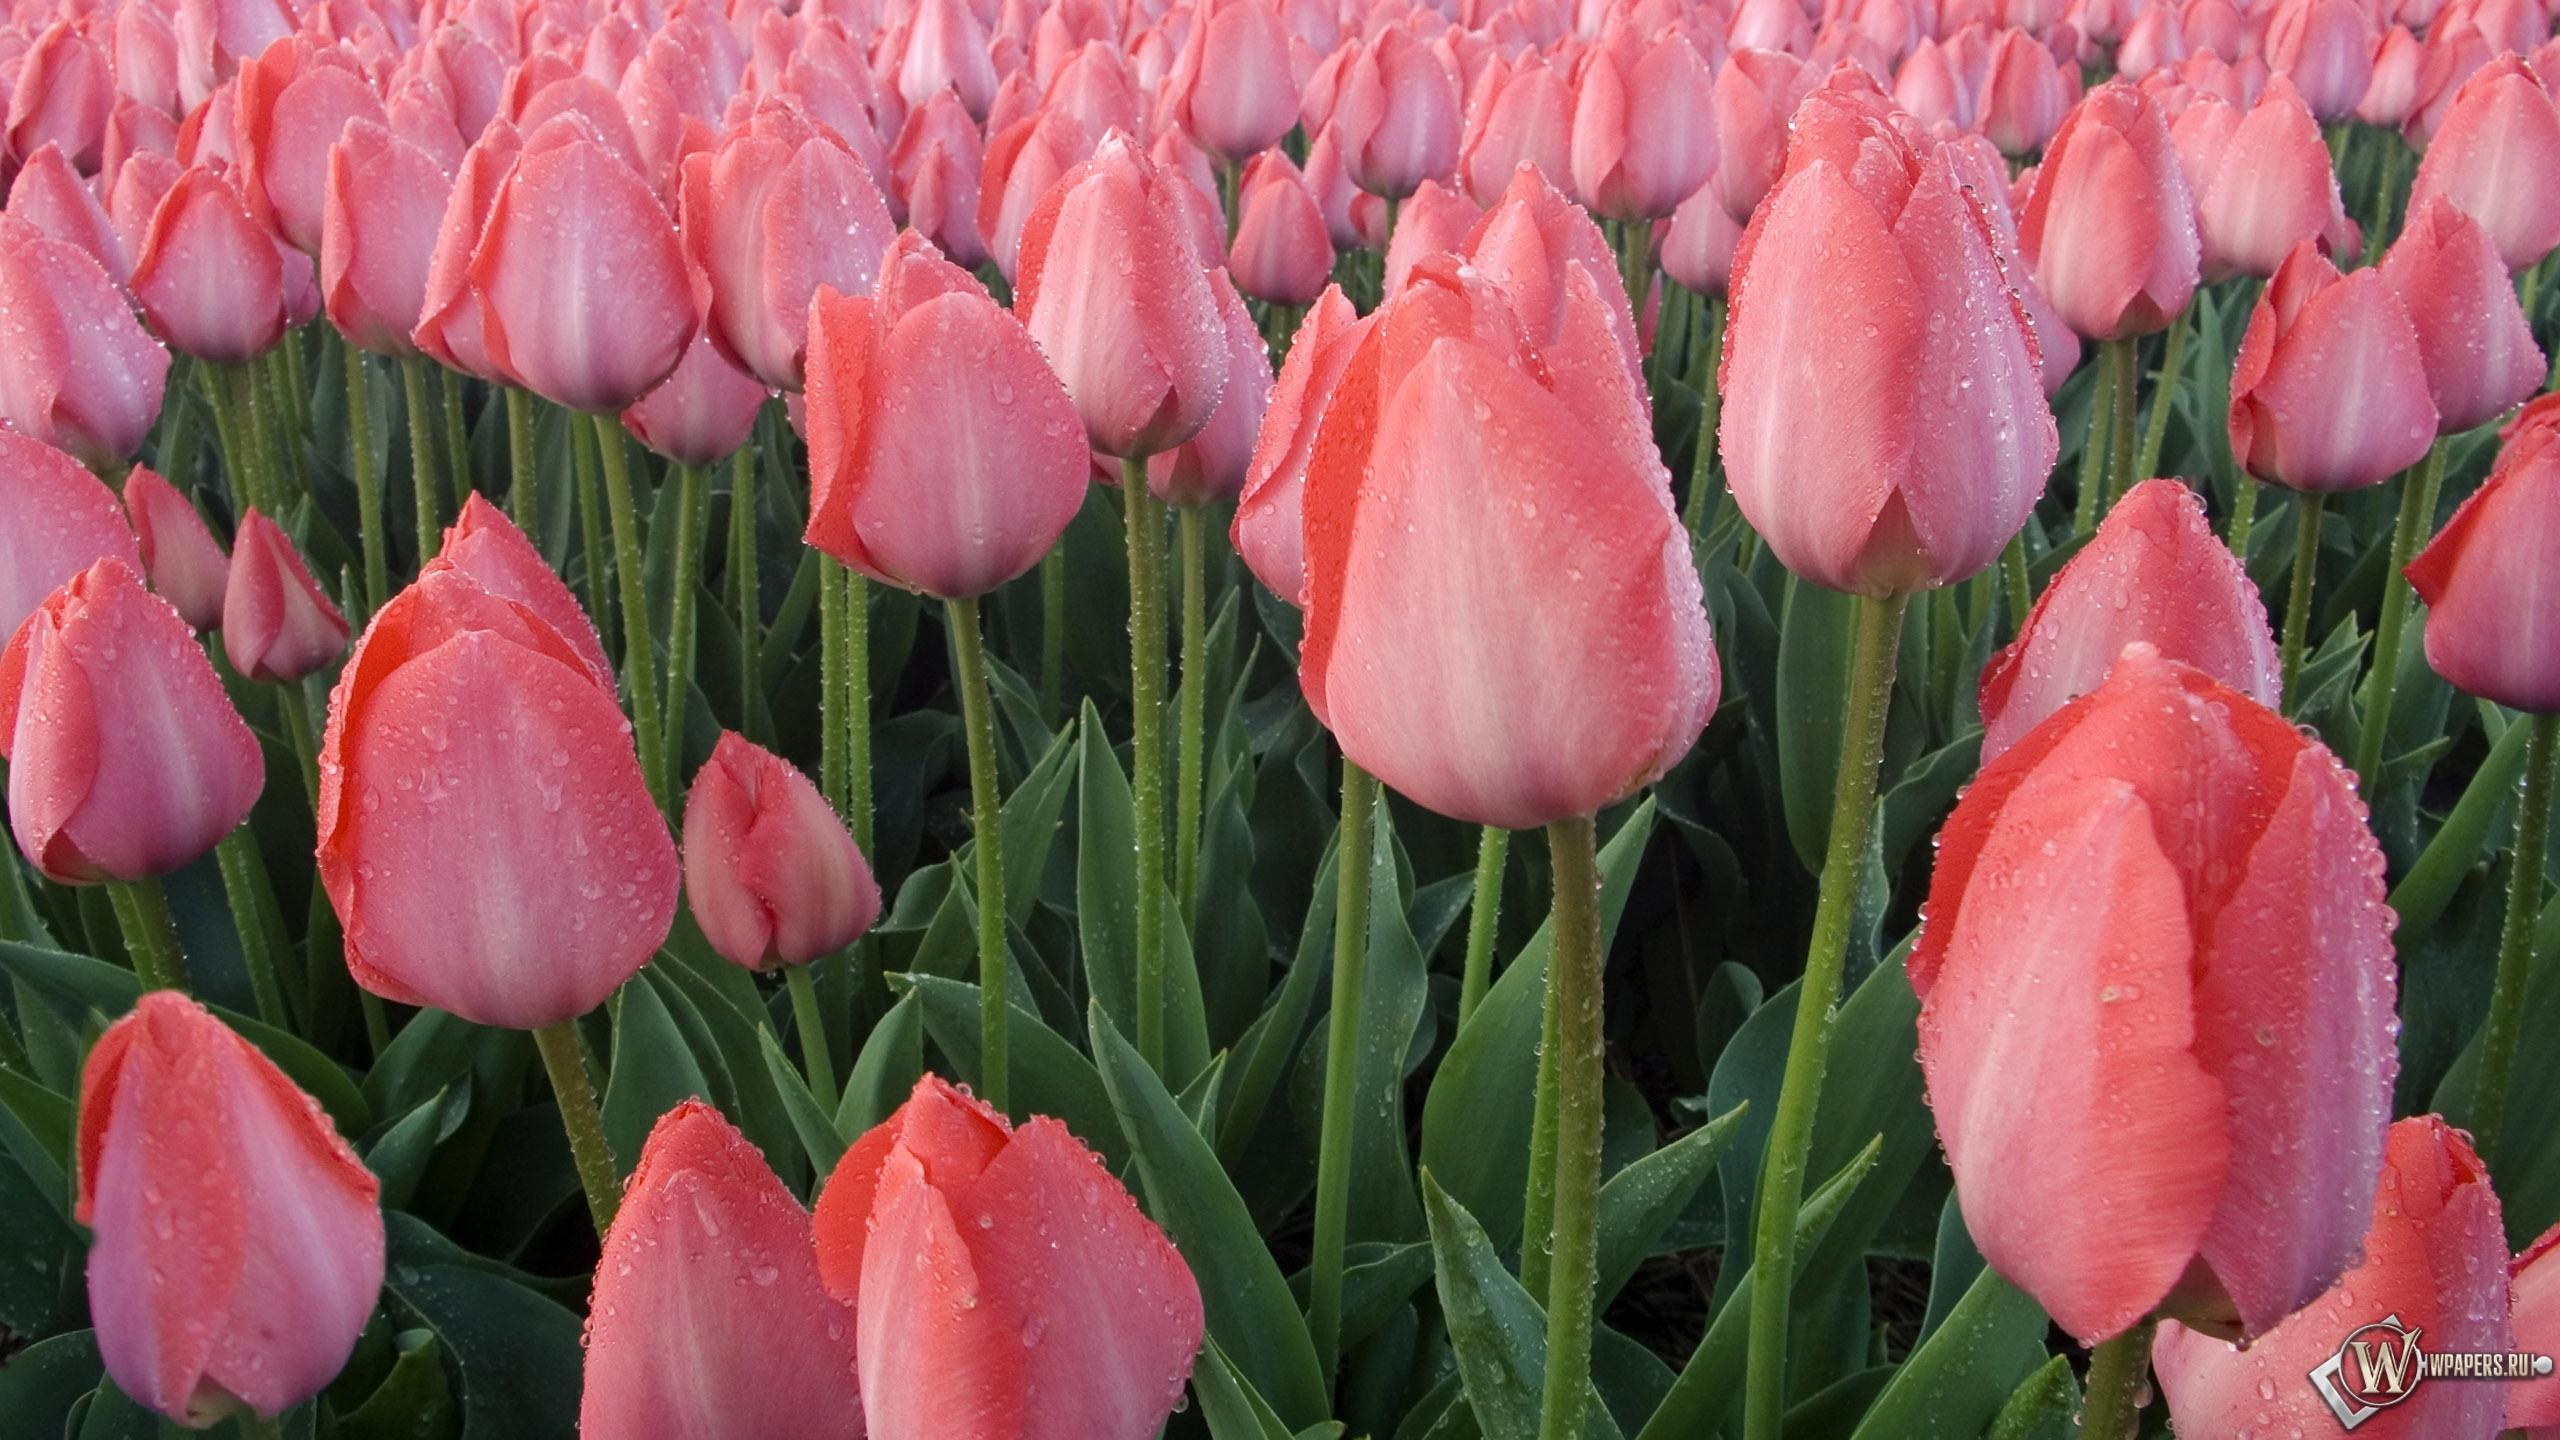 картинки тюльпанов рабочий стол красивые на очень